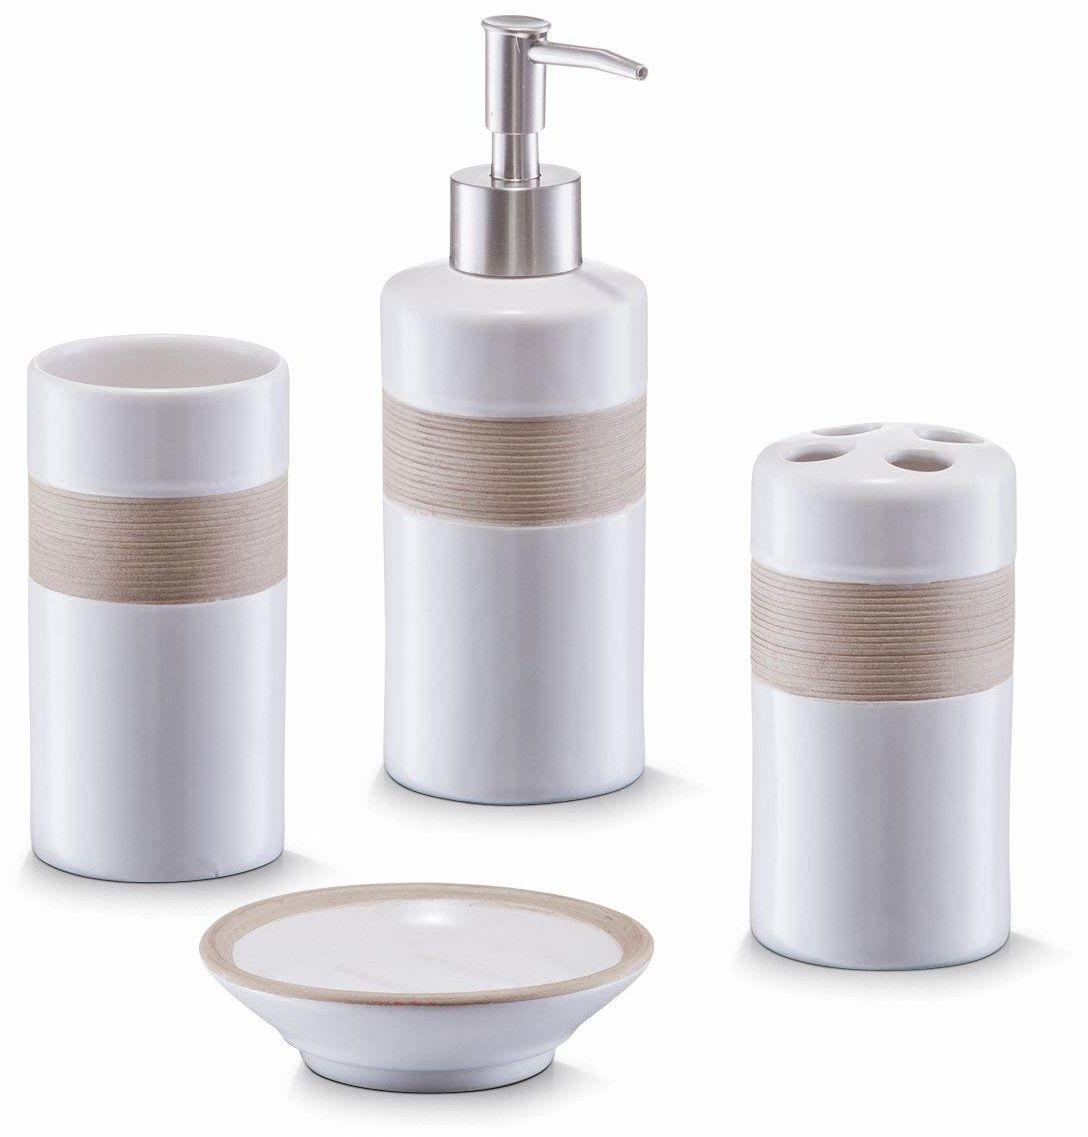 Zeller 18260 4-częściowy zestaw akcesoriów łazienkowych beżowa i brązowa ceramika